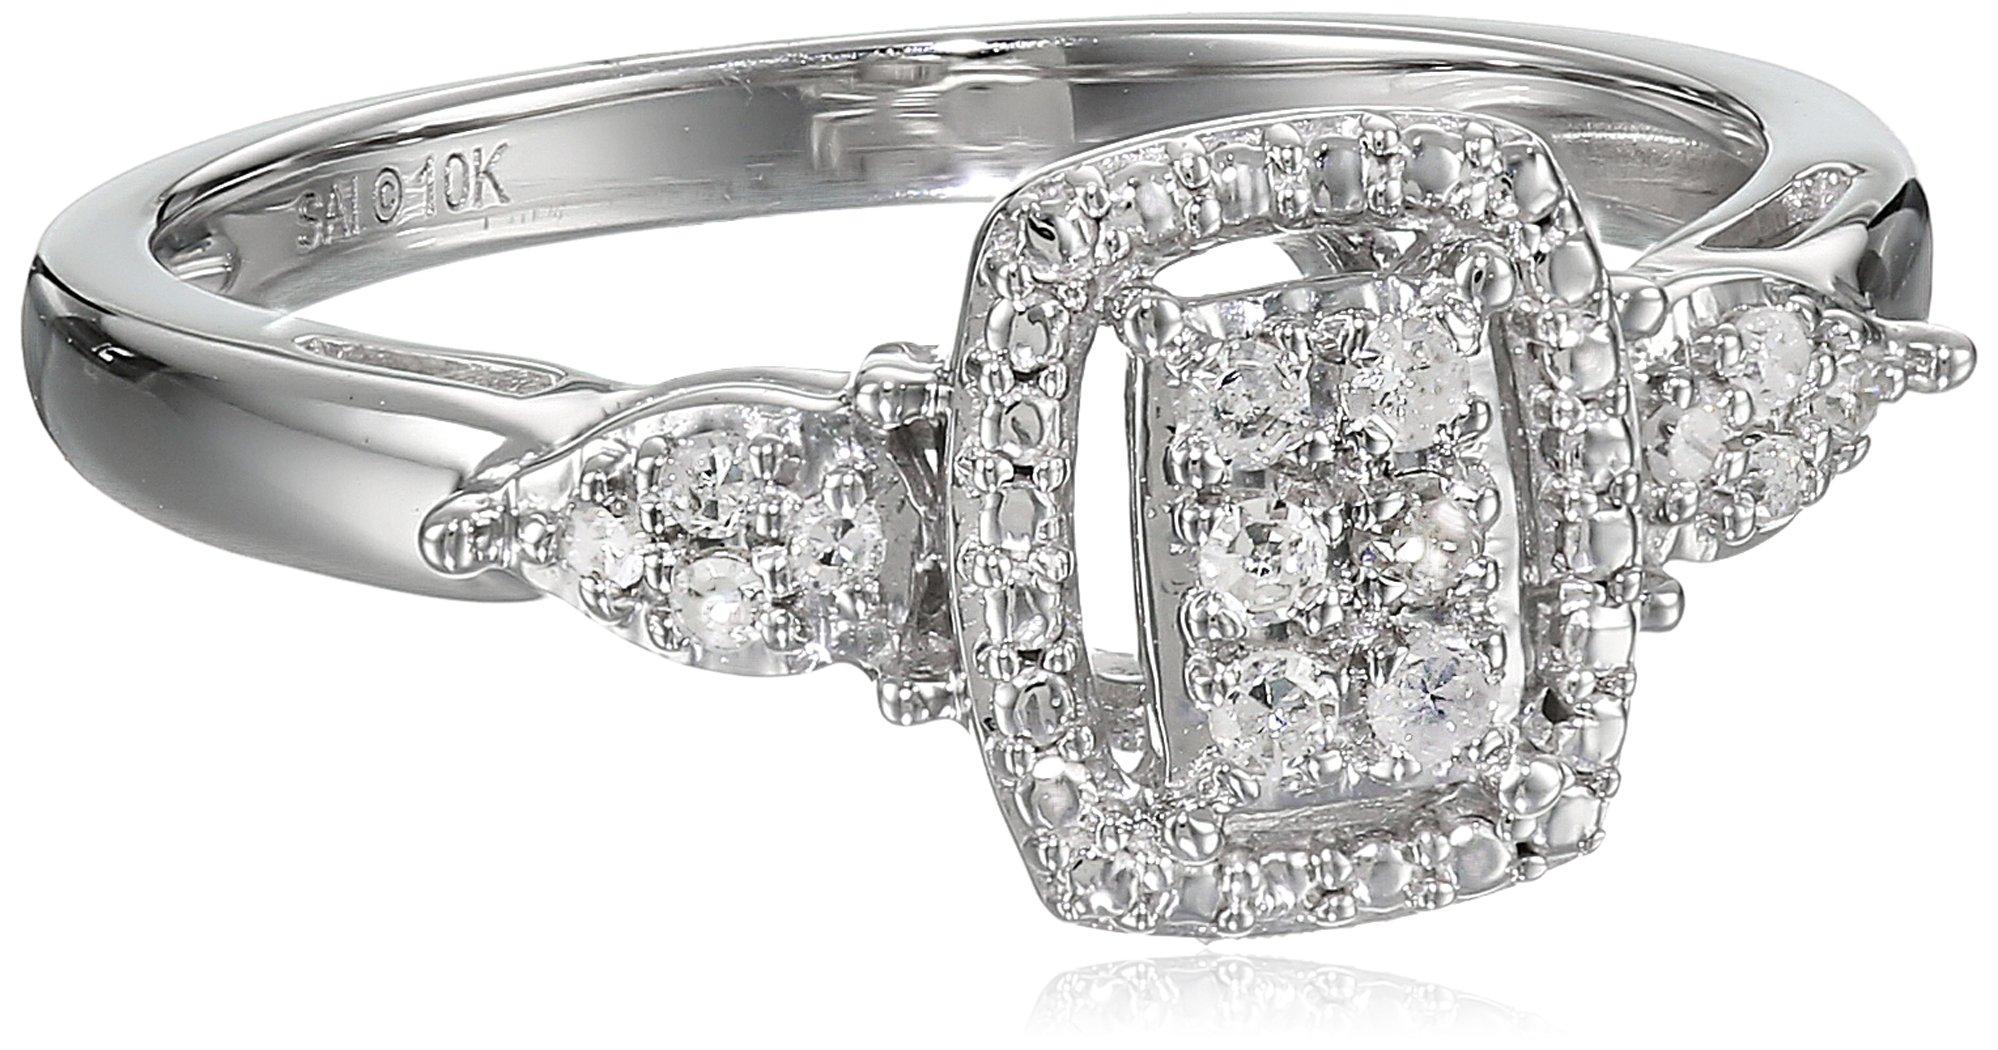 10k White Gold 1/10cttw White Diamond Ring, Size 8